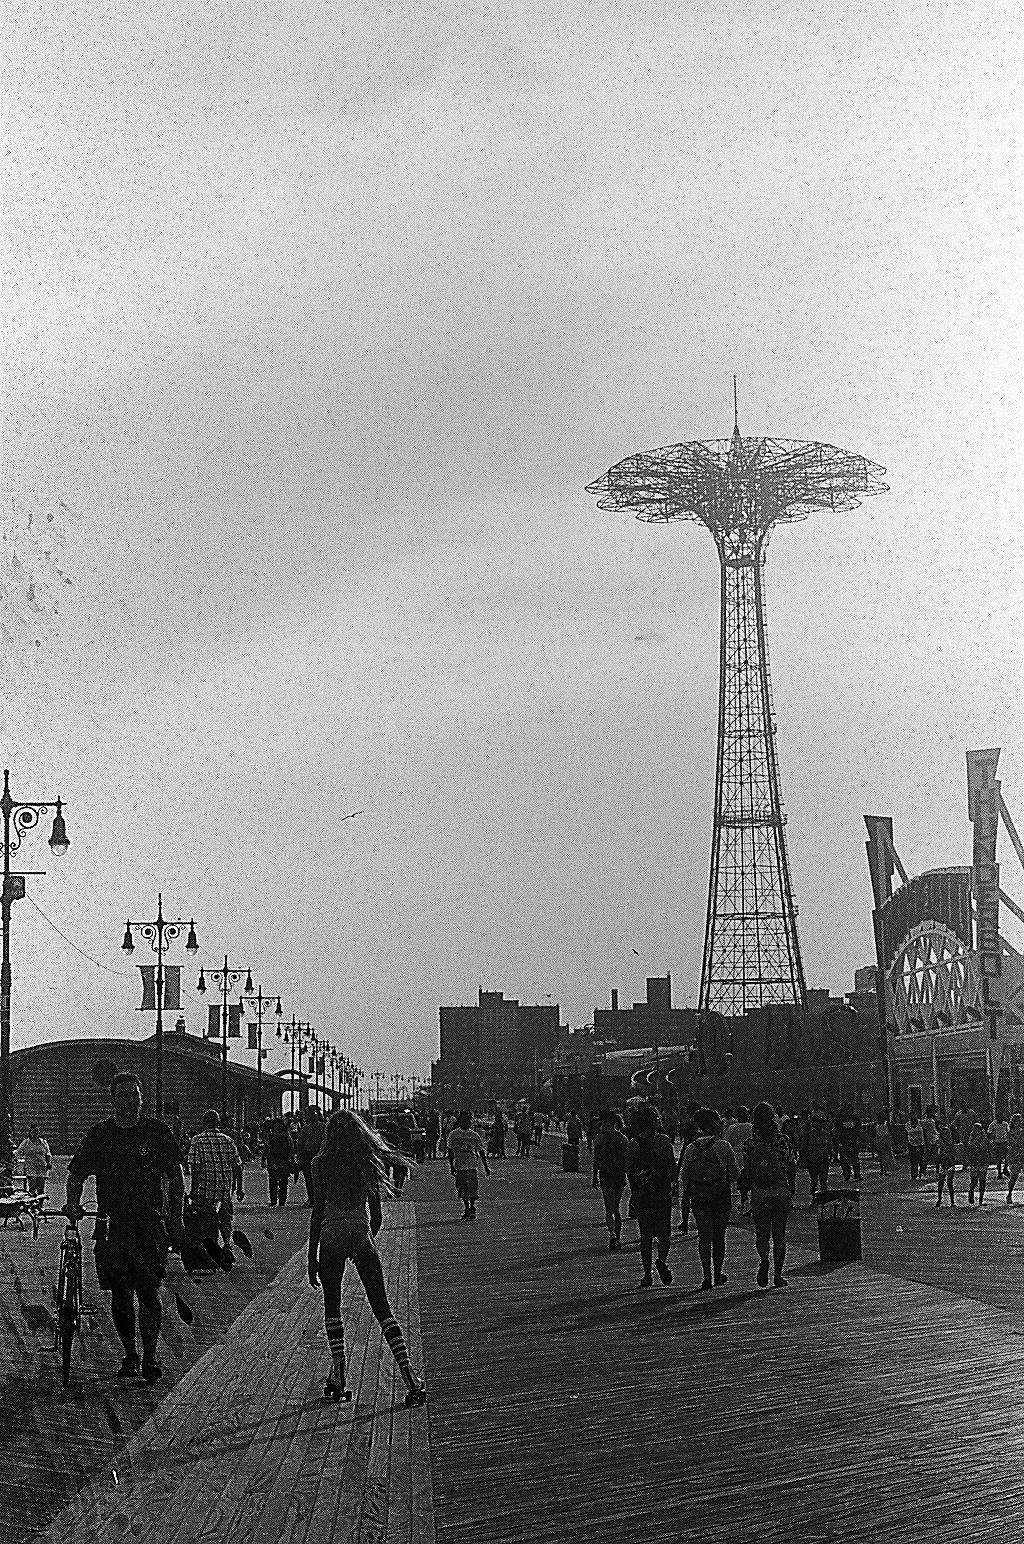 Coney Island, Brooklyn, NY, 2017